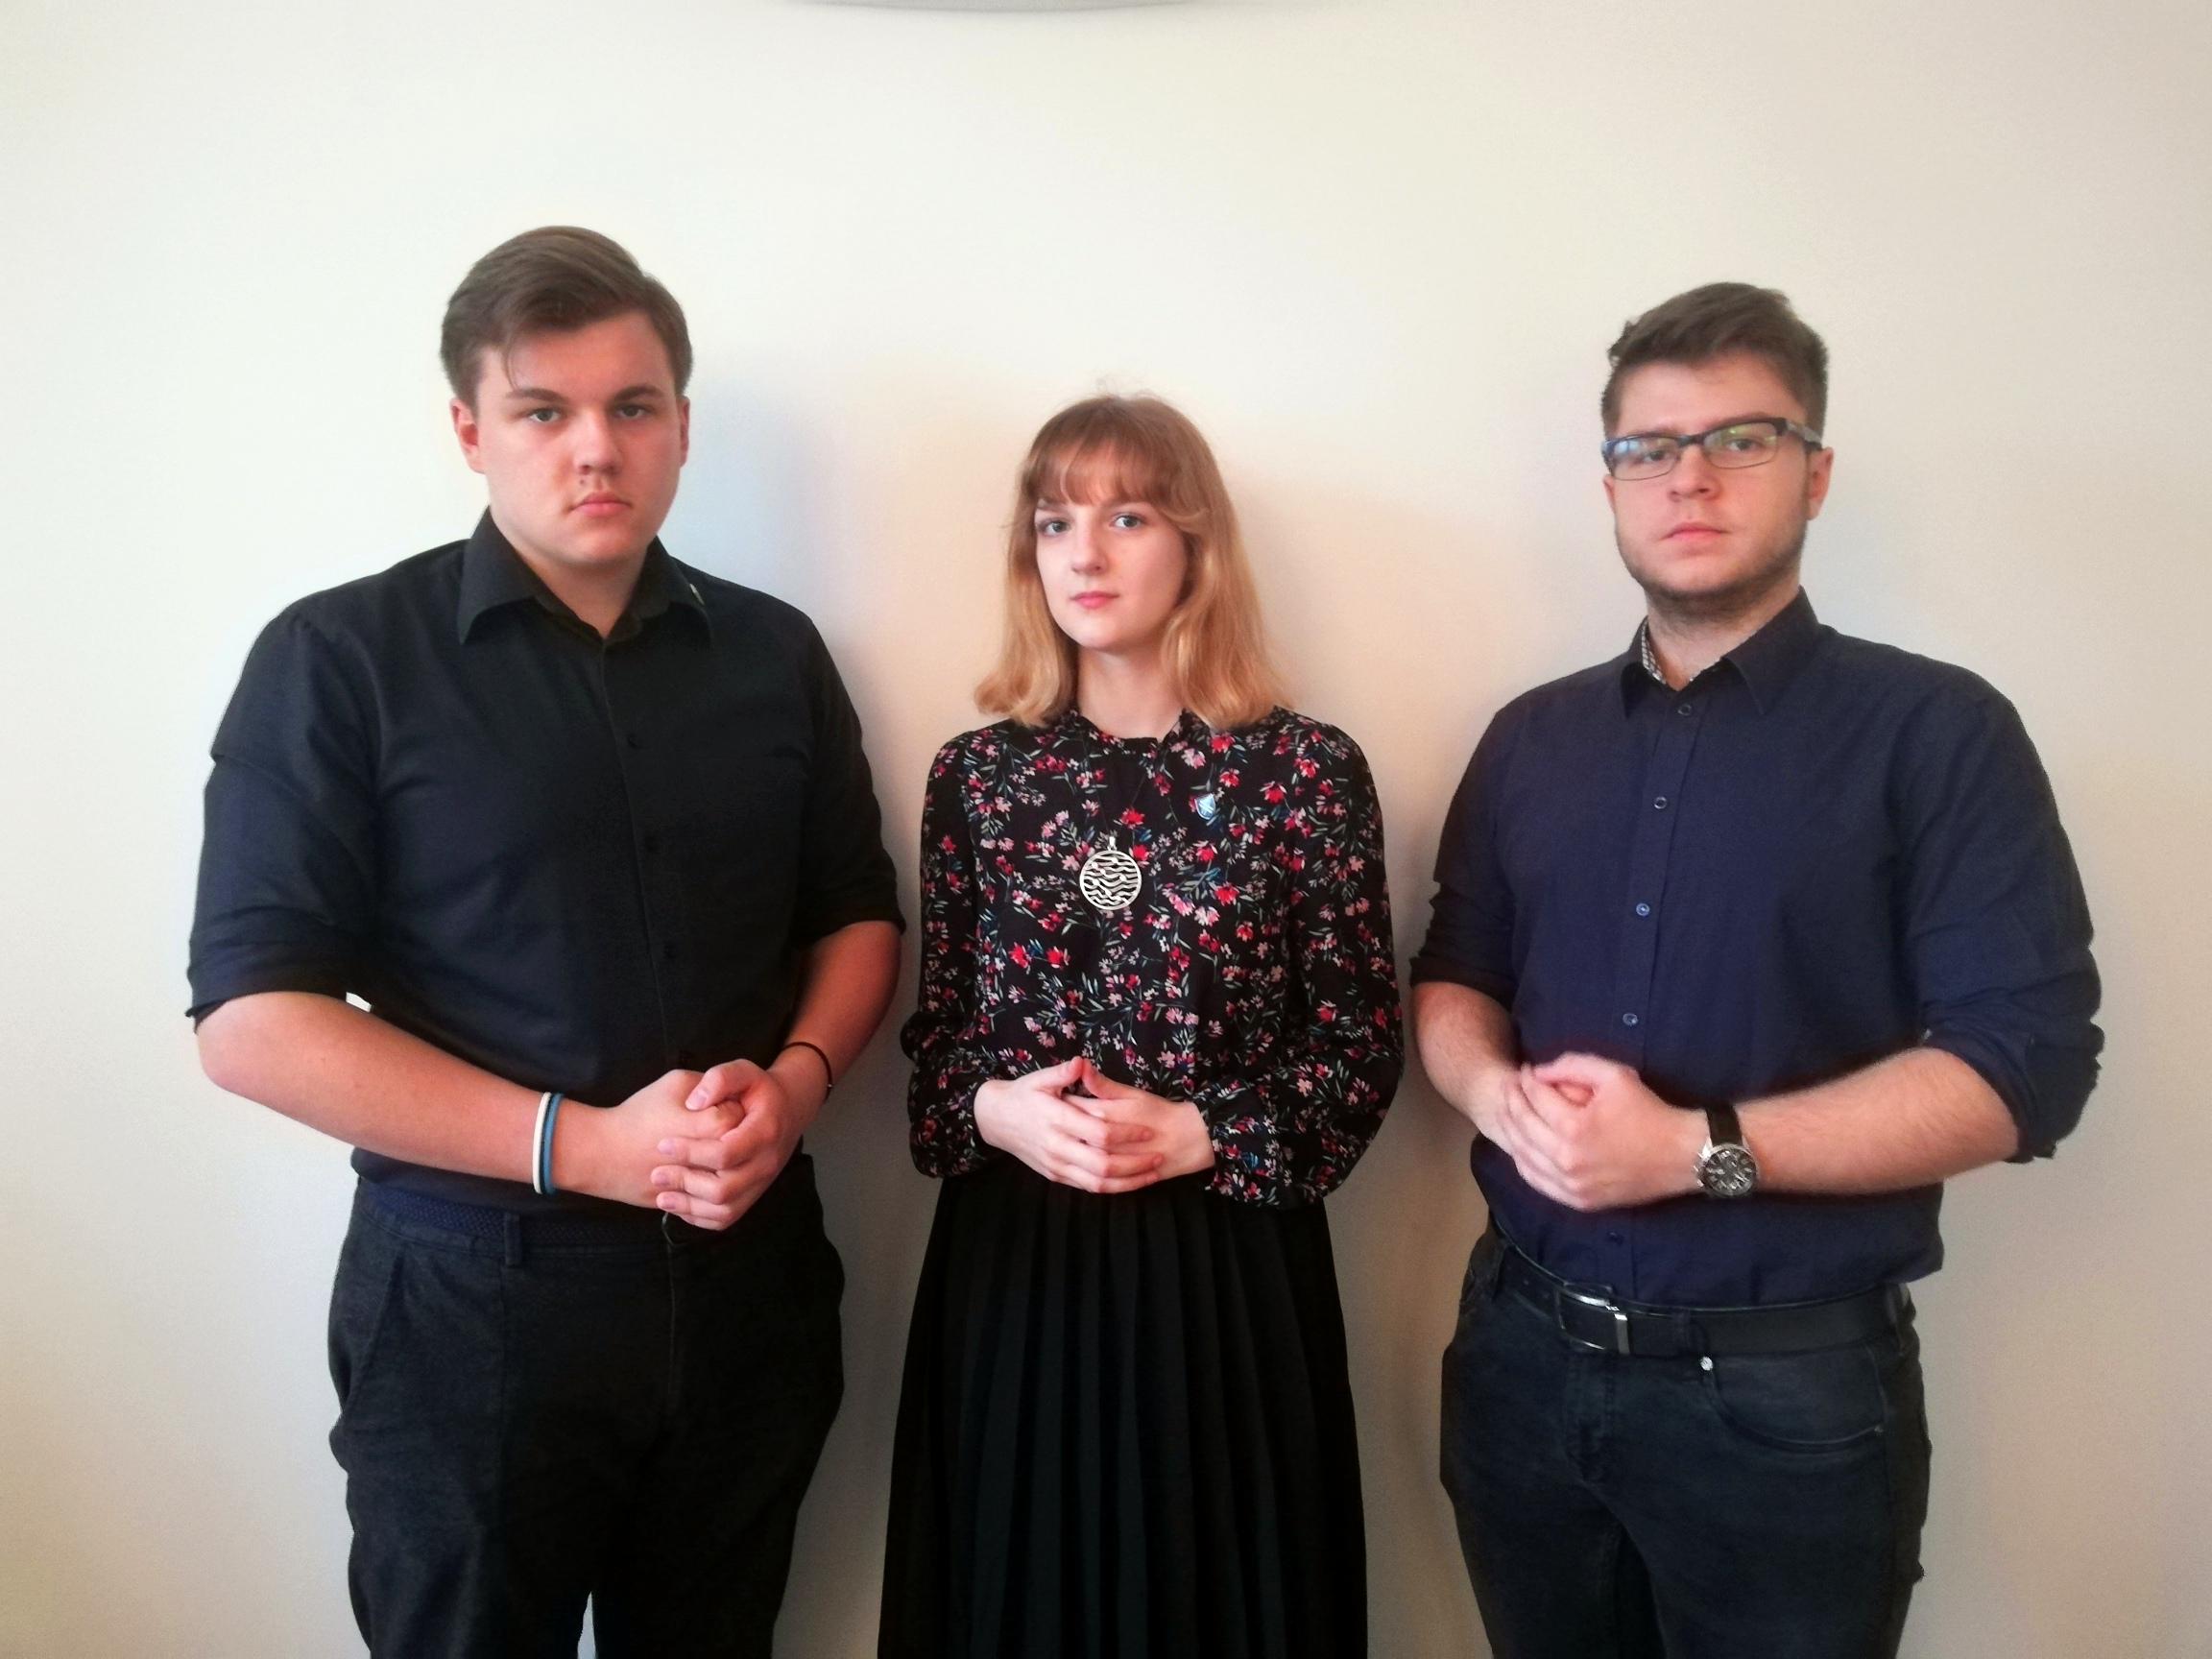 Sinise Äratuse Tallinna osakond tervitab uut juhatust